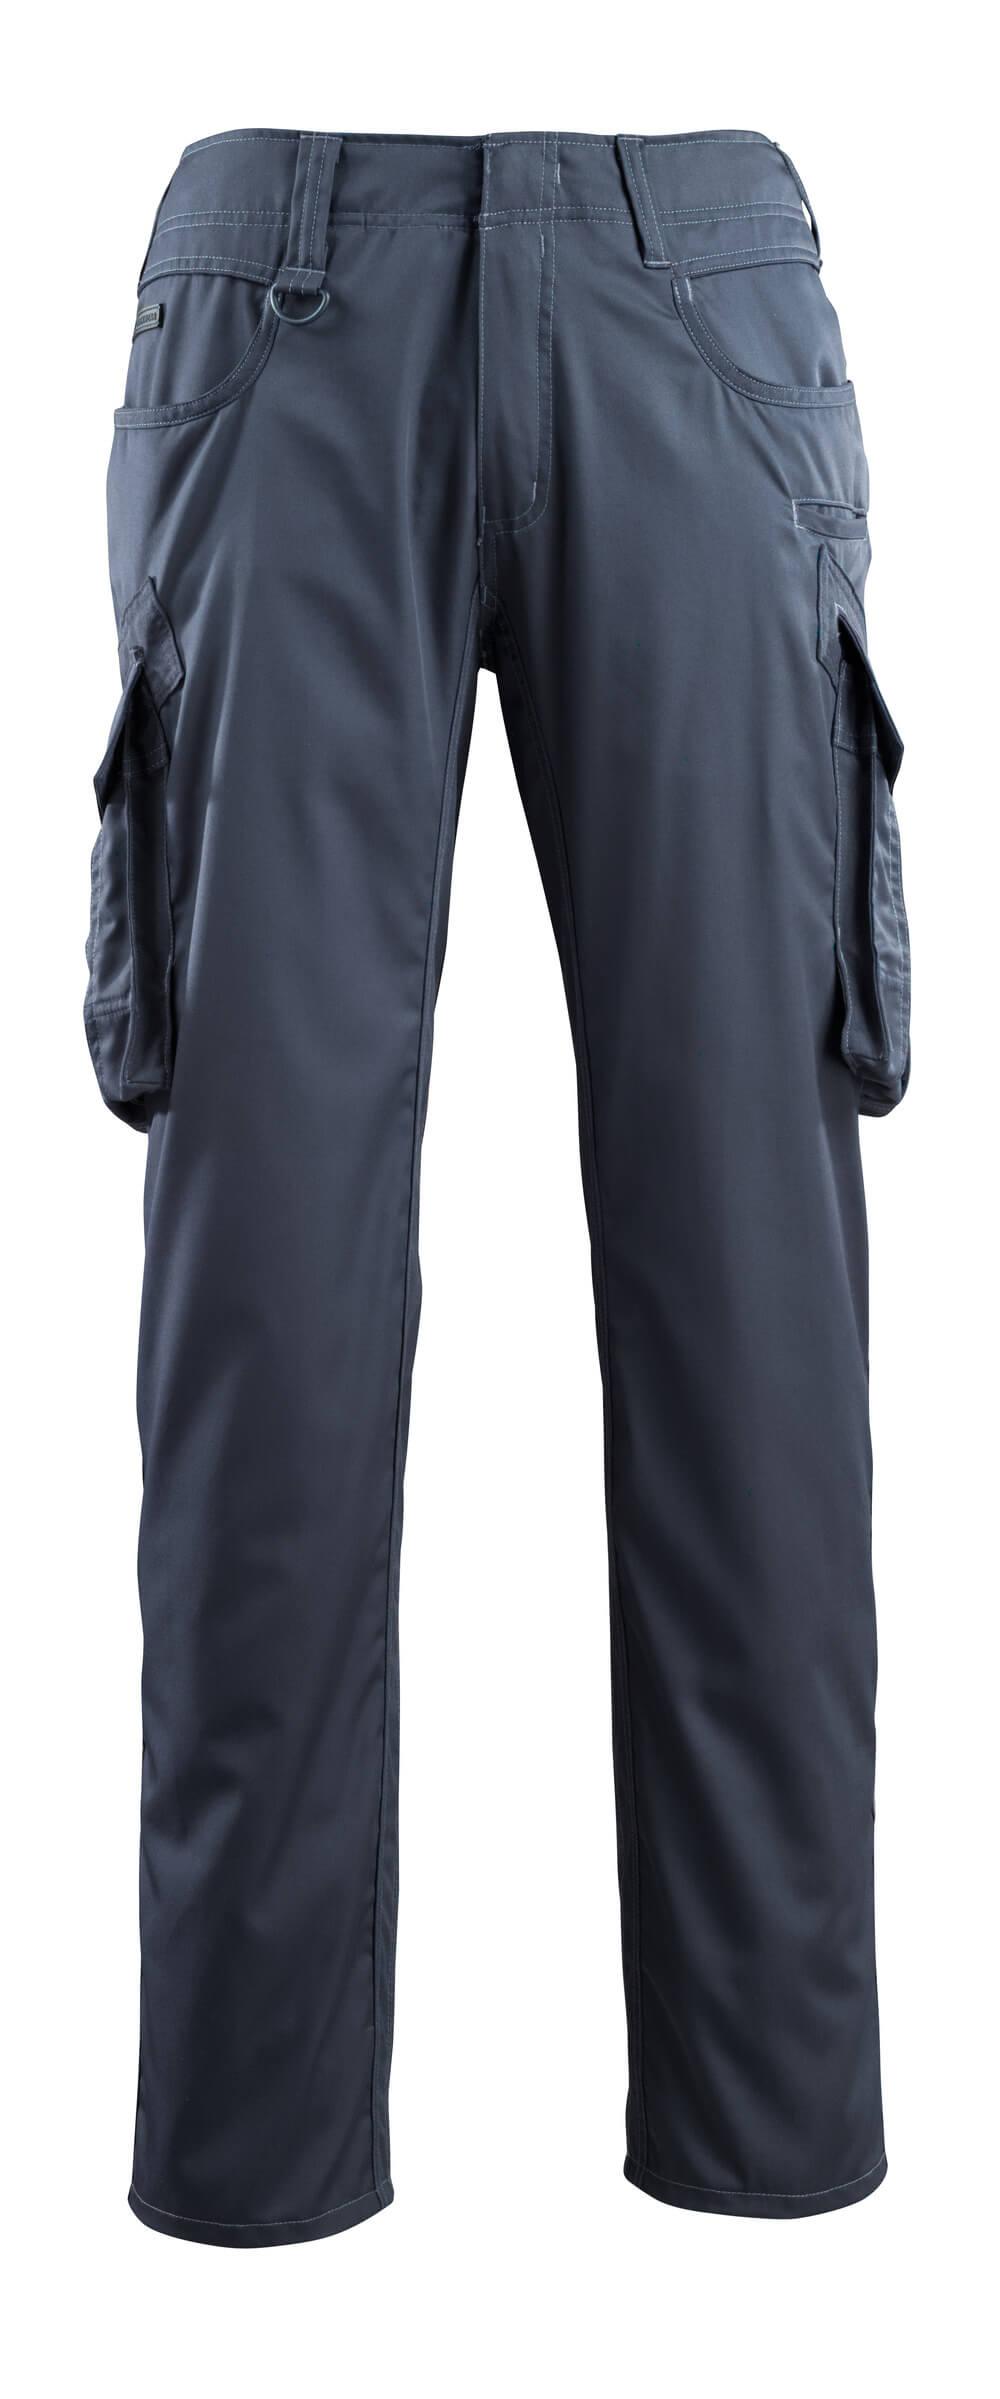 16179-230-010 Pantaloni con tasche sulle cosce - blu navy scuro